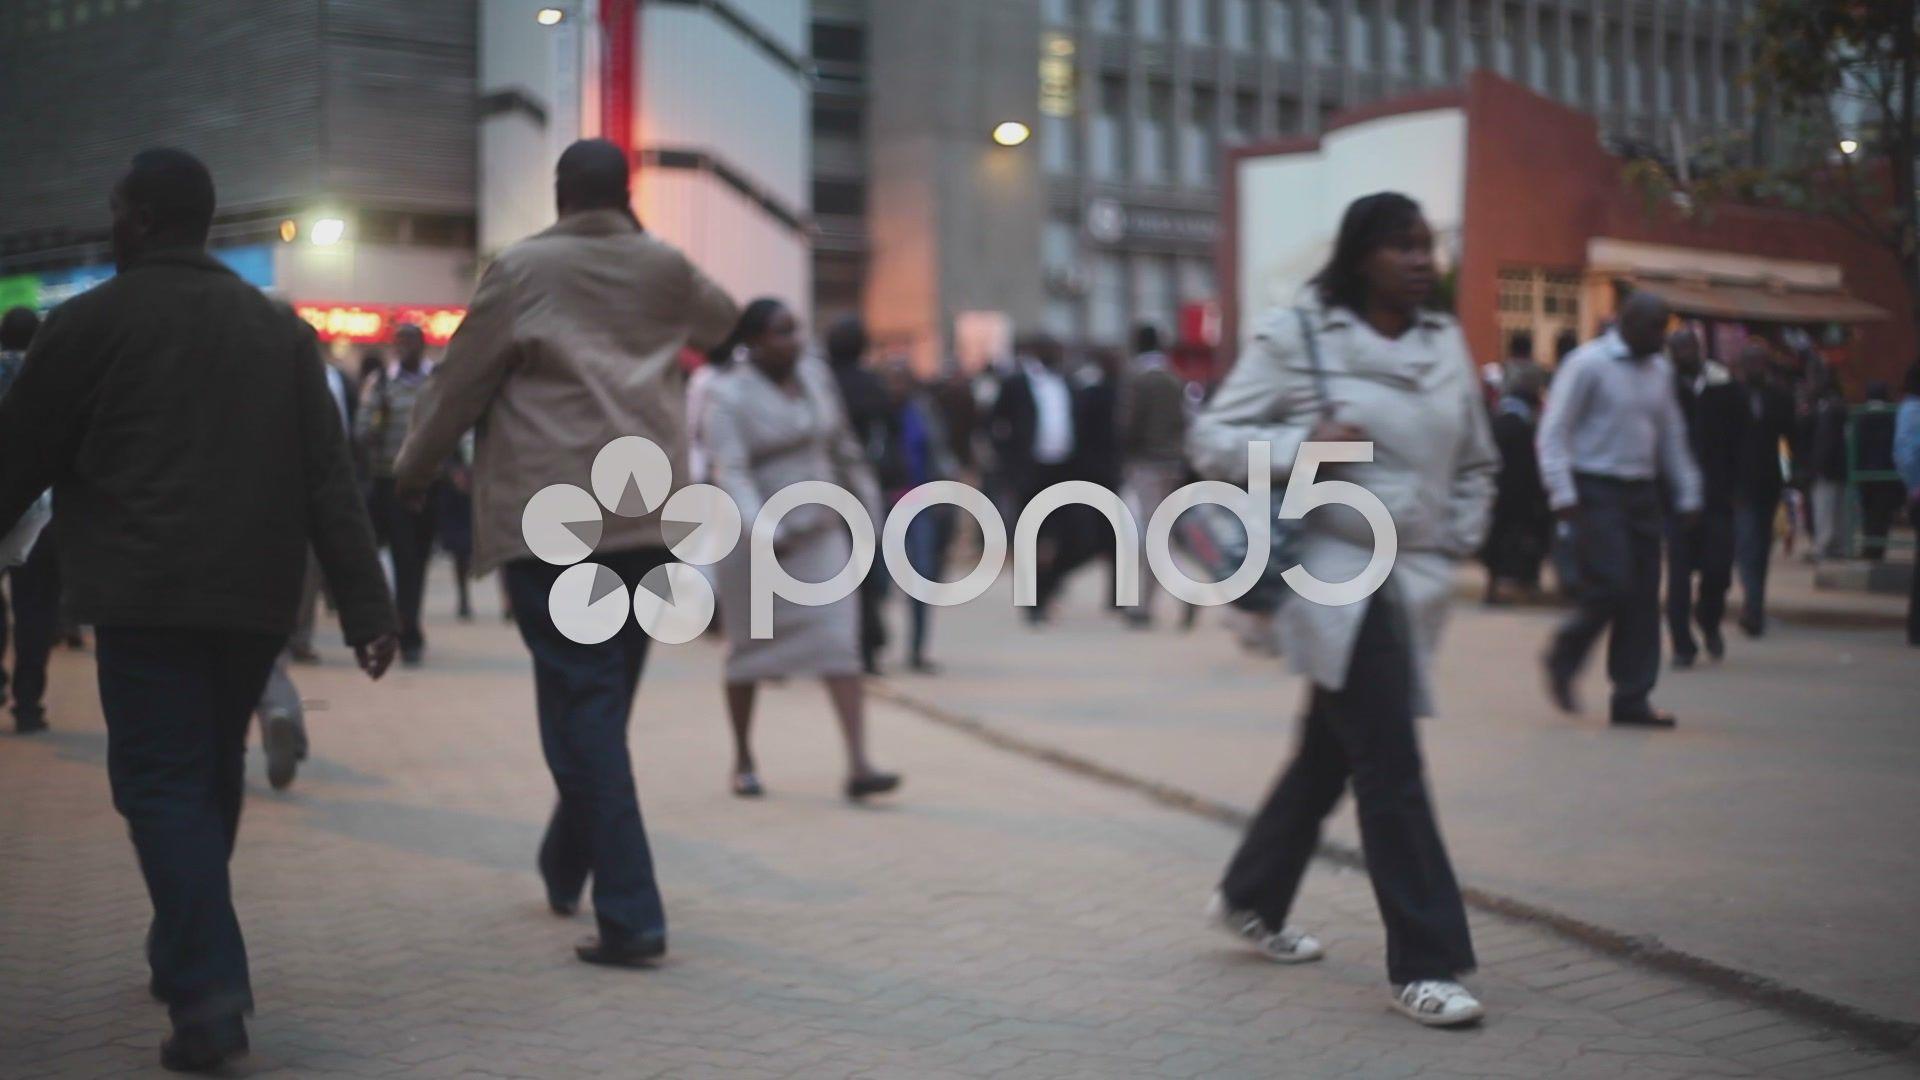 Crowd Of People Walk In Nairobi Kenya Africa Stock Footage Walk Nairobi Crowd People Kenya Africa Africa Kenya